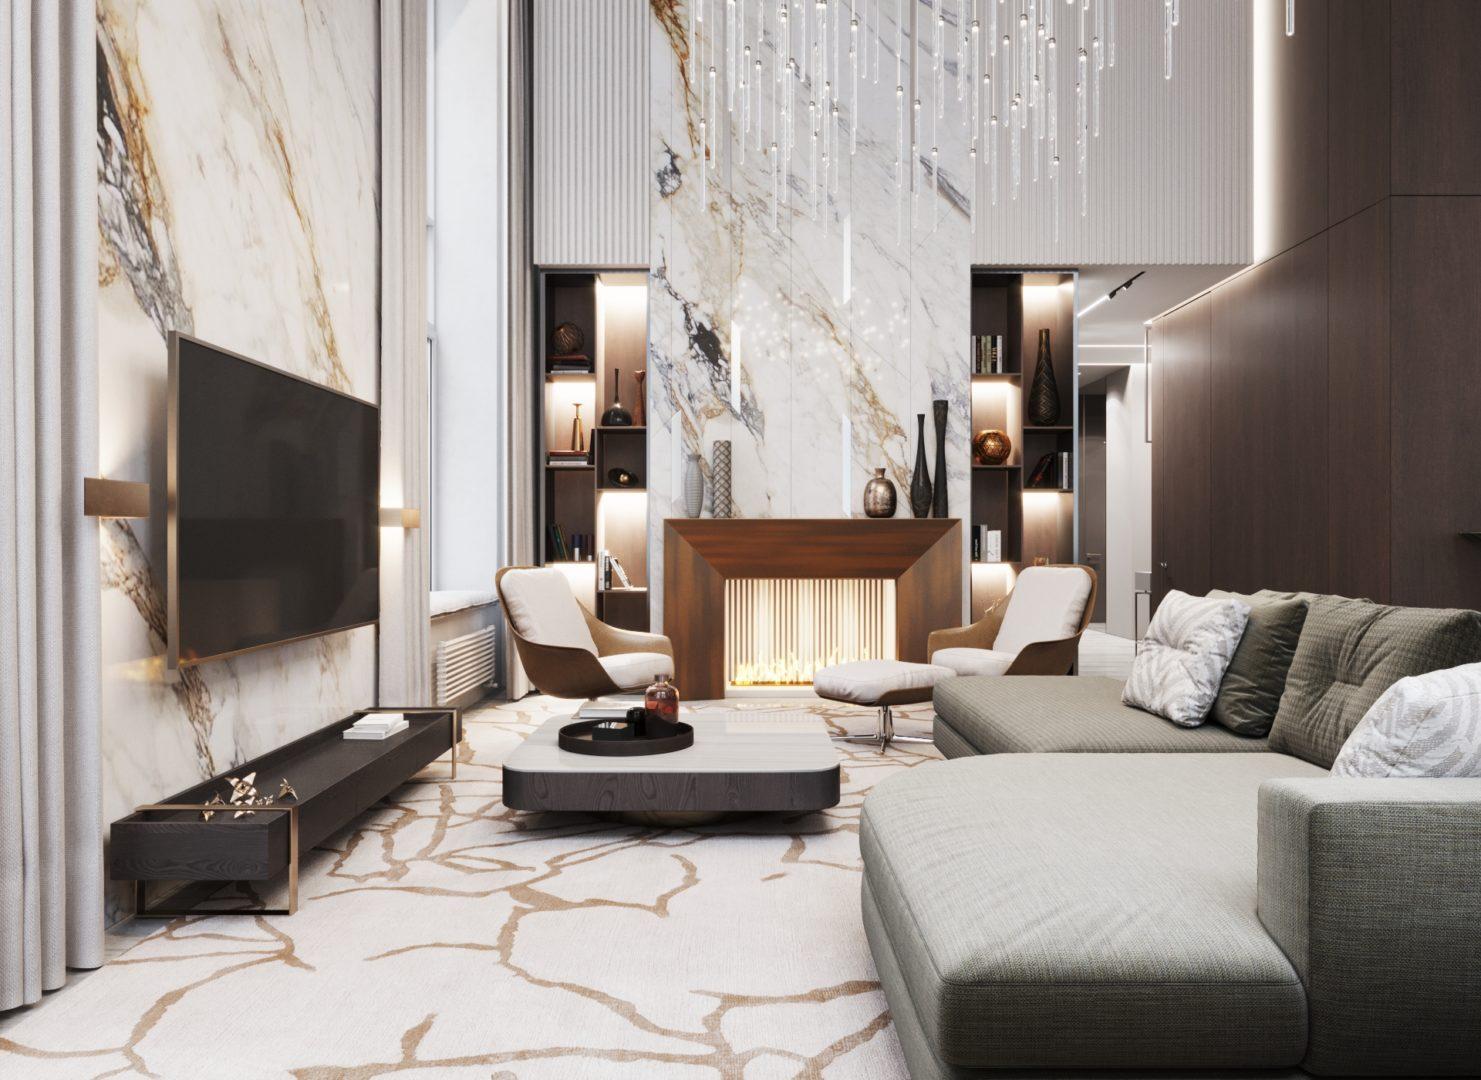 Гостиная, зона отдыха - вариант планировки лофта в ЖК Александровский сад